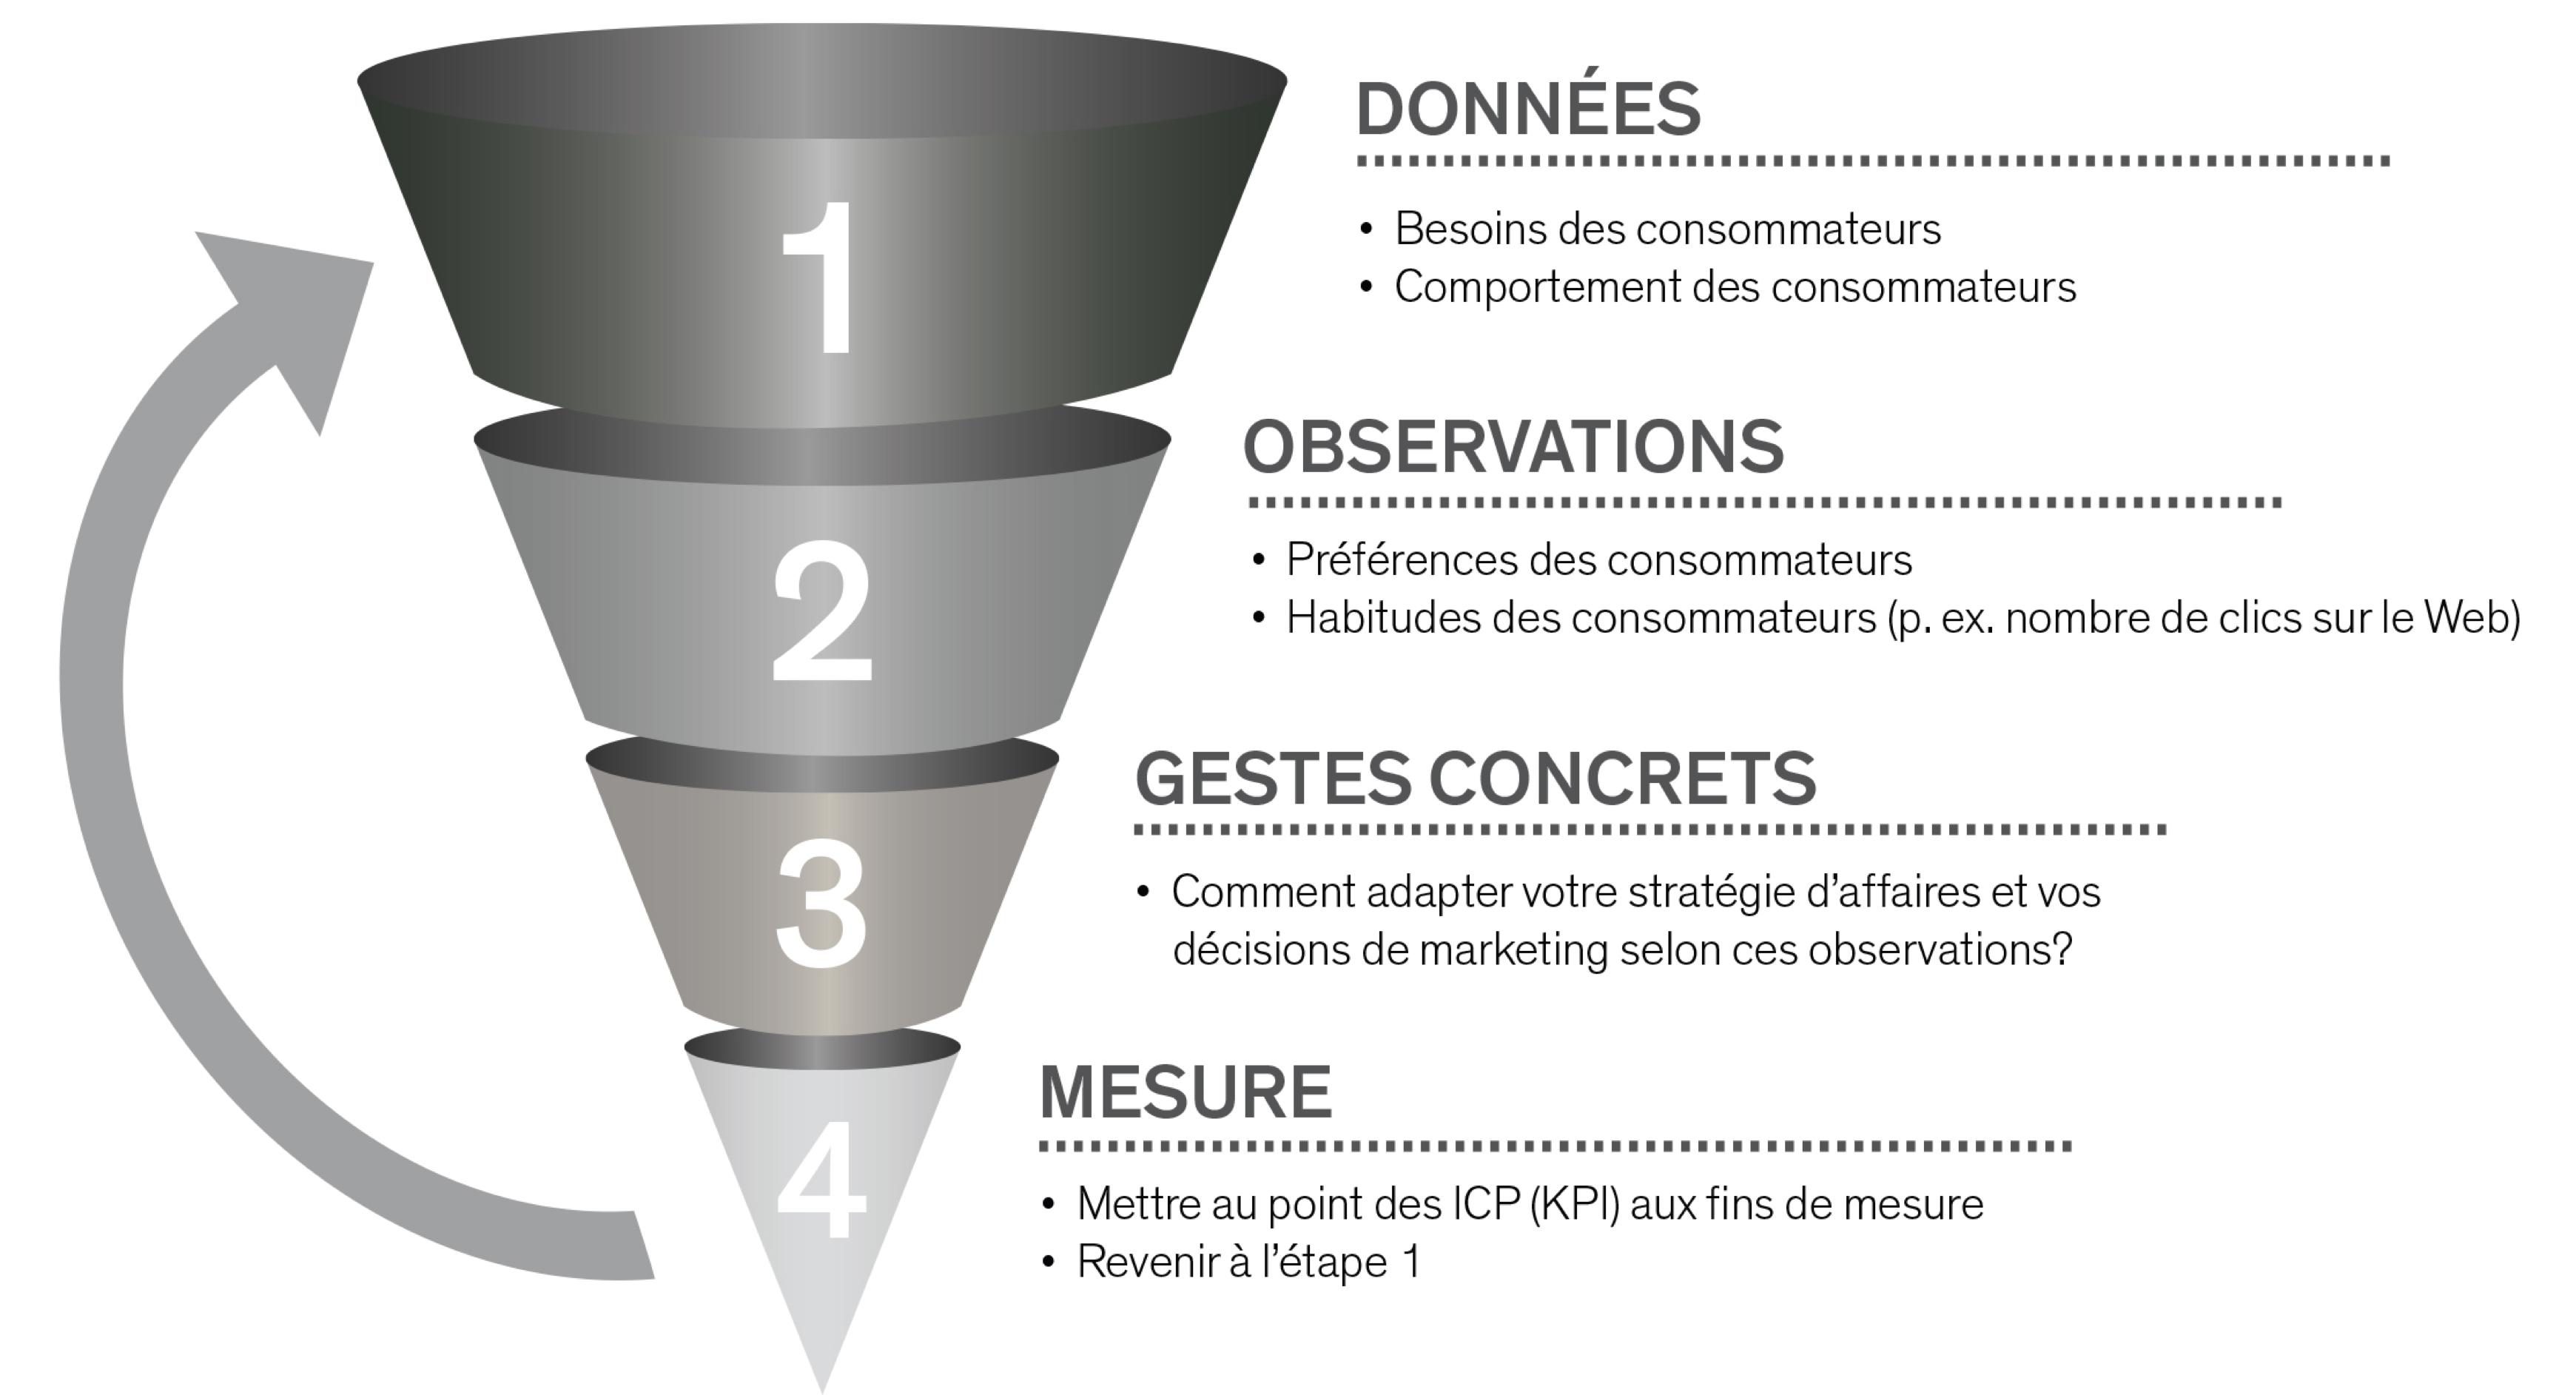 données, observations, gestes concrets, mesure - graphique